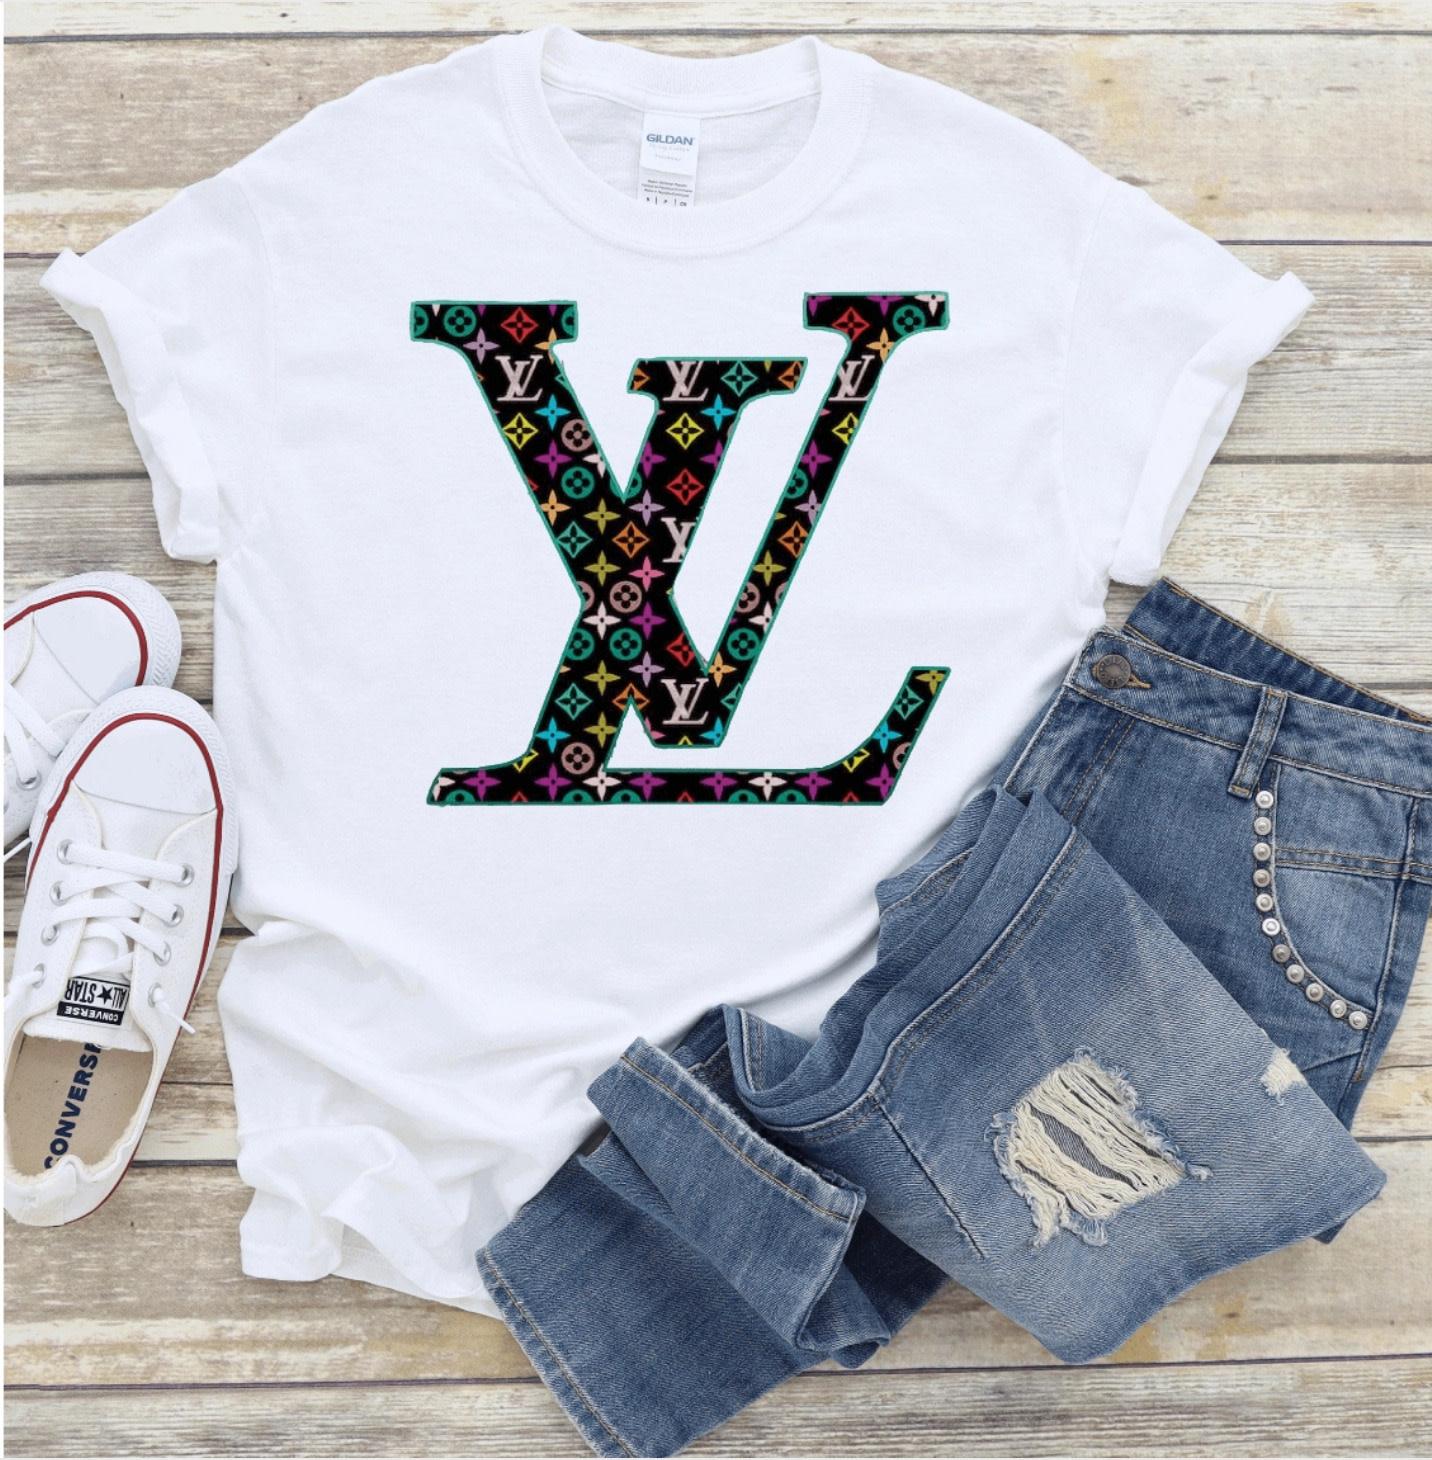 Colorful Louis Vuitton T